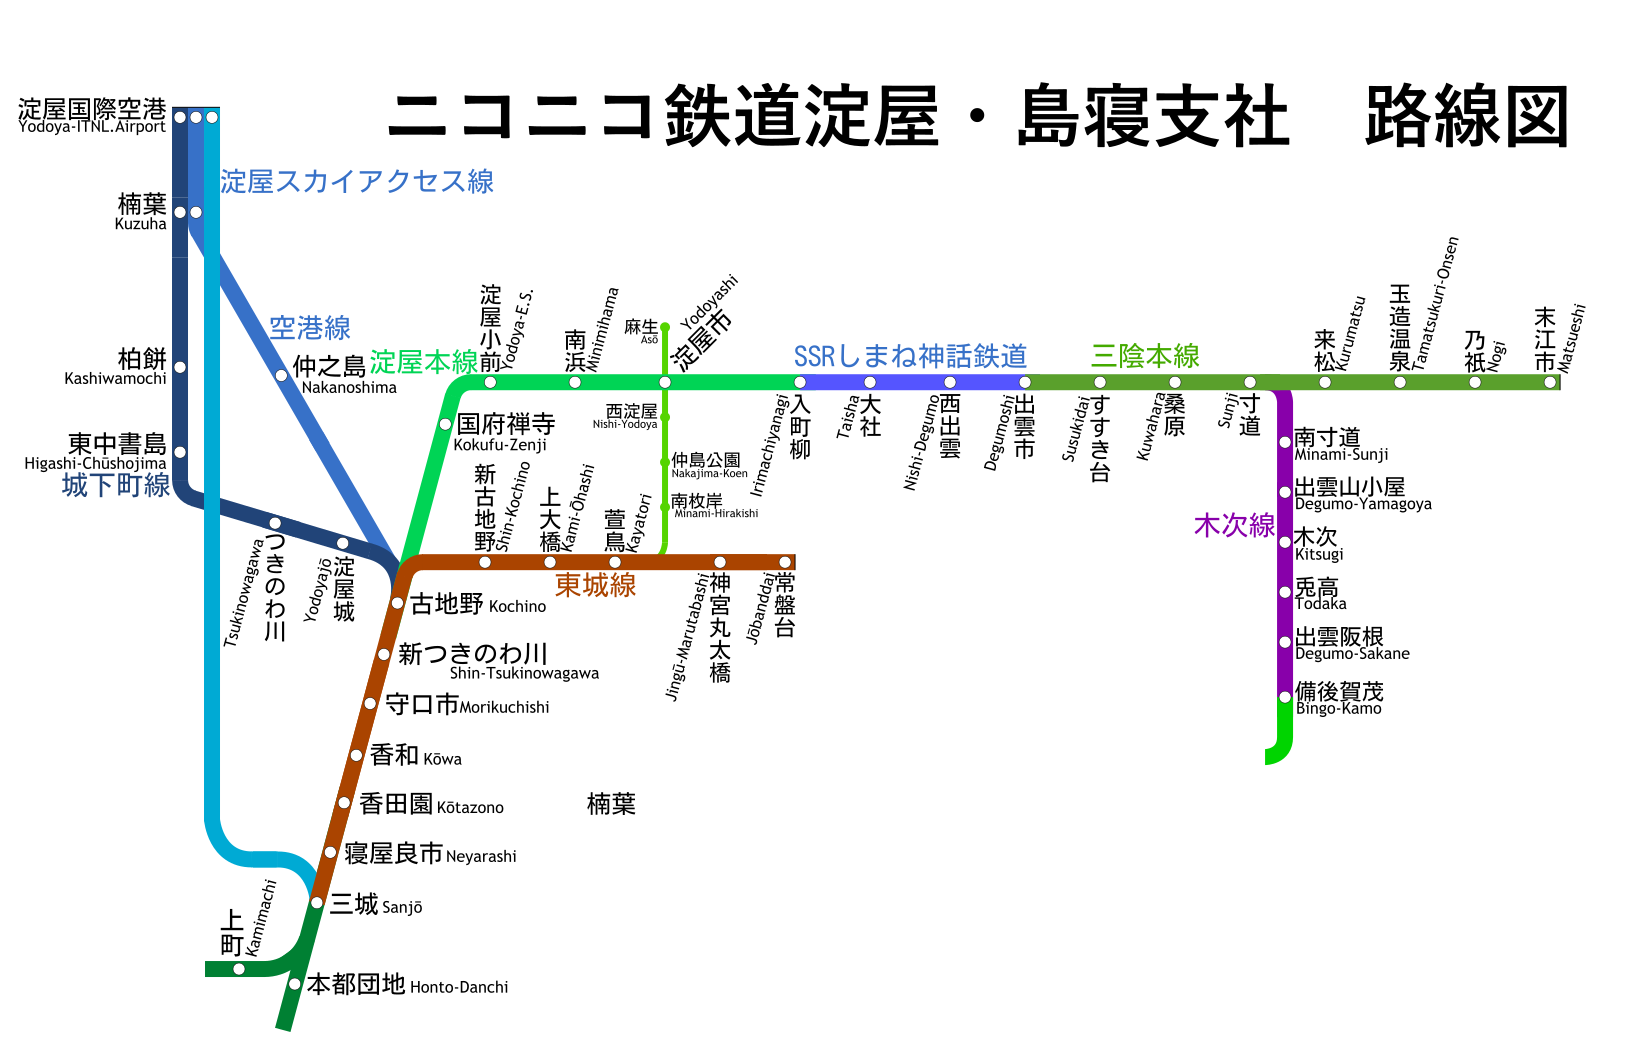 淀屋支社 路線図 001.png